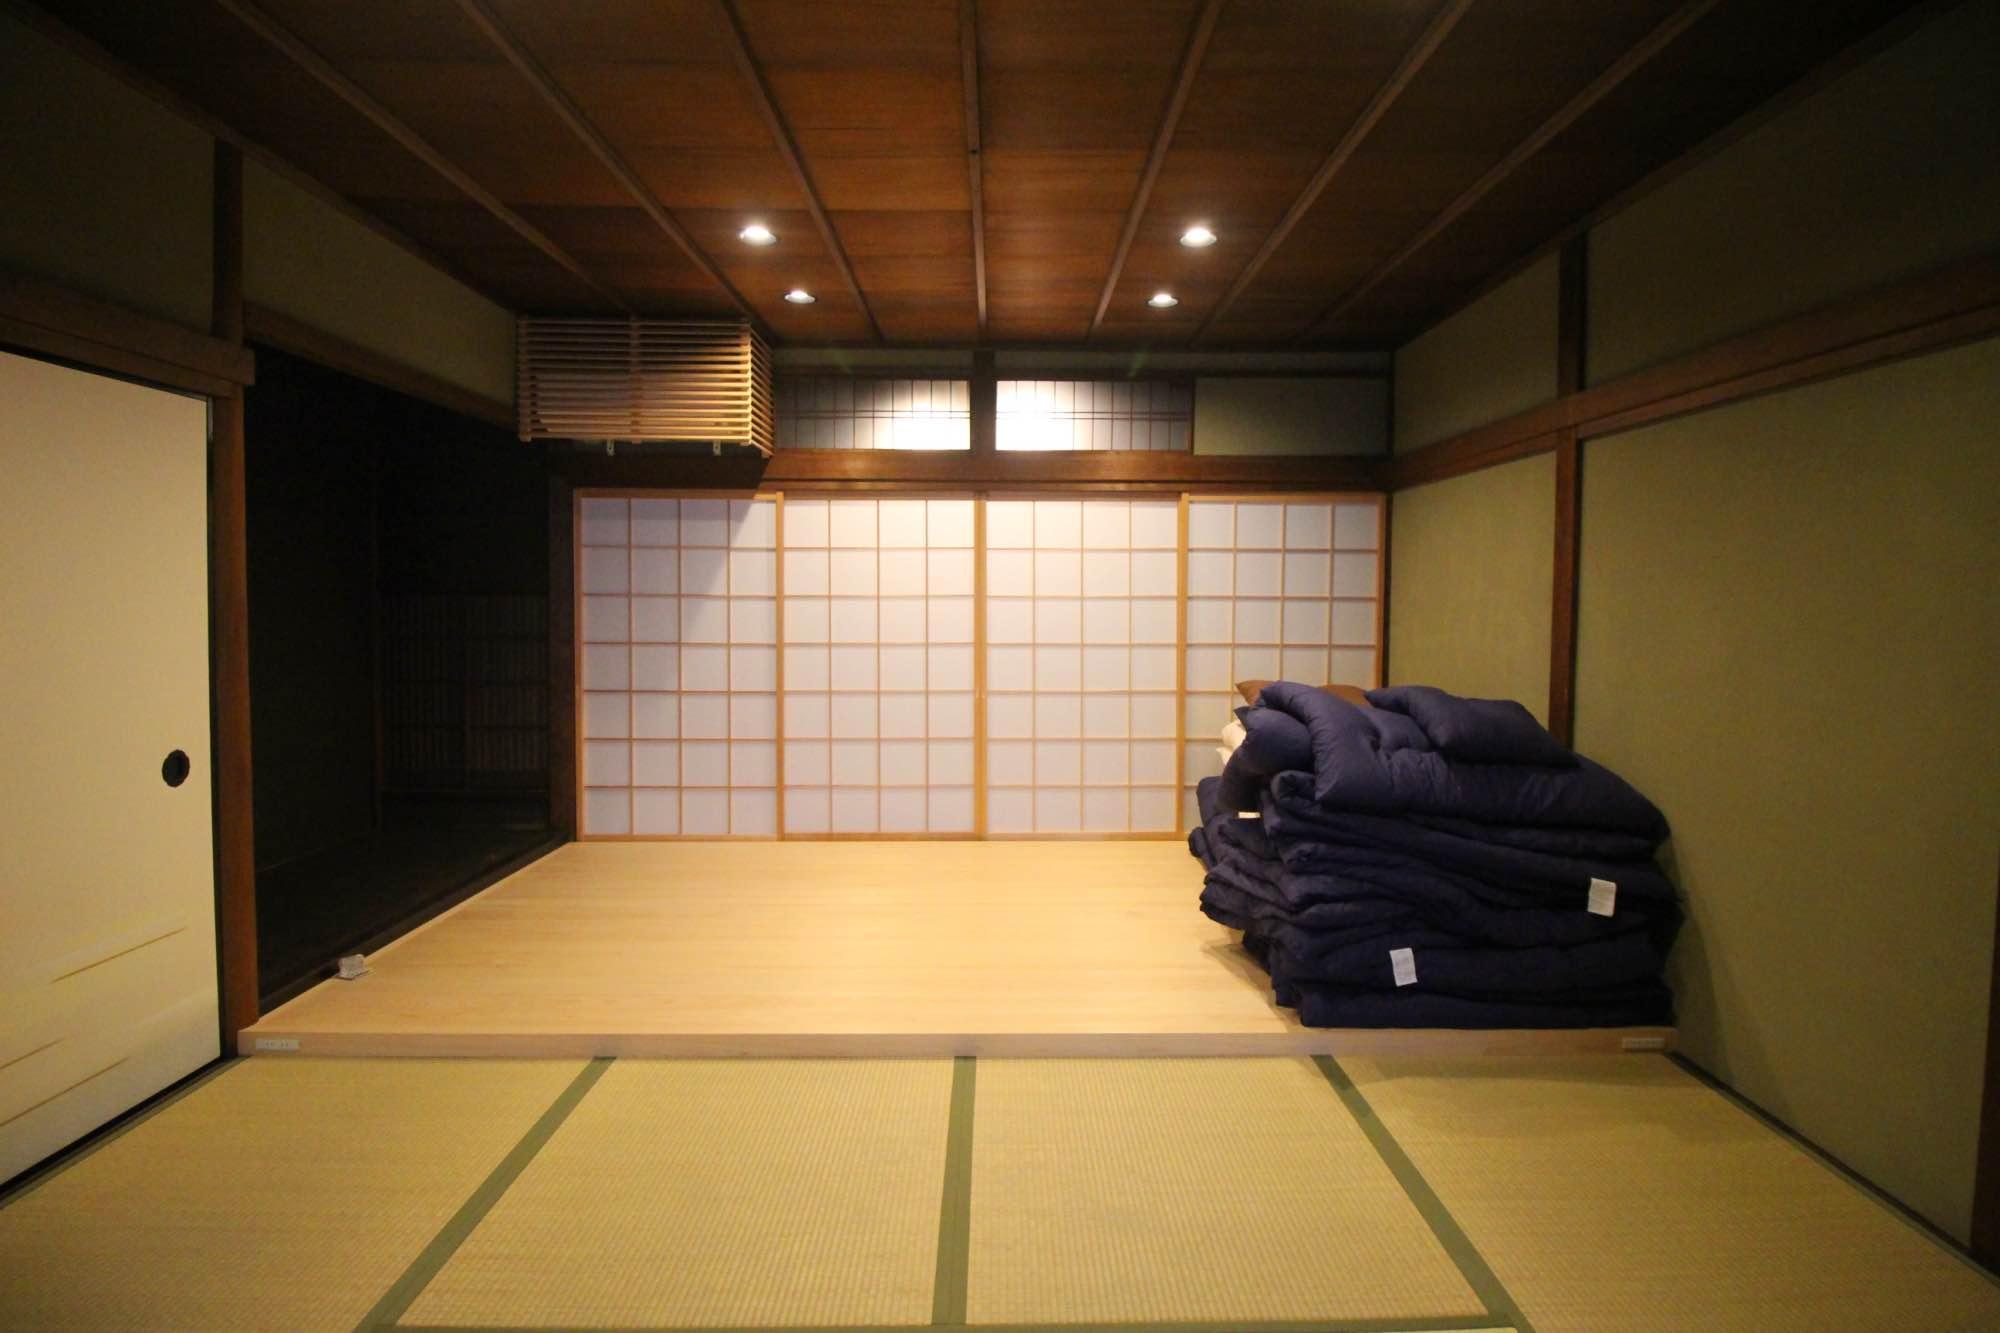 なんと歌舞伎を見せるための舞台もありました。